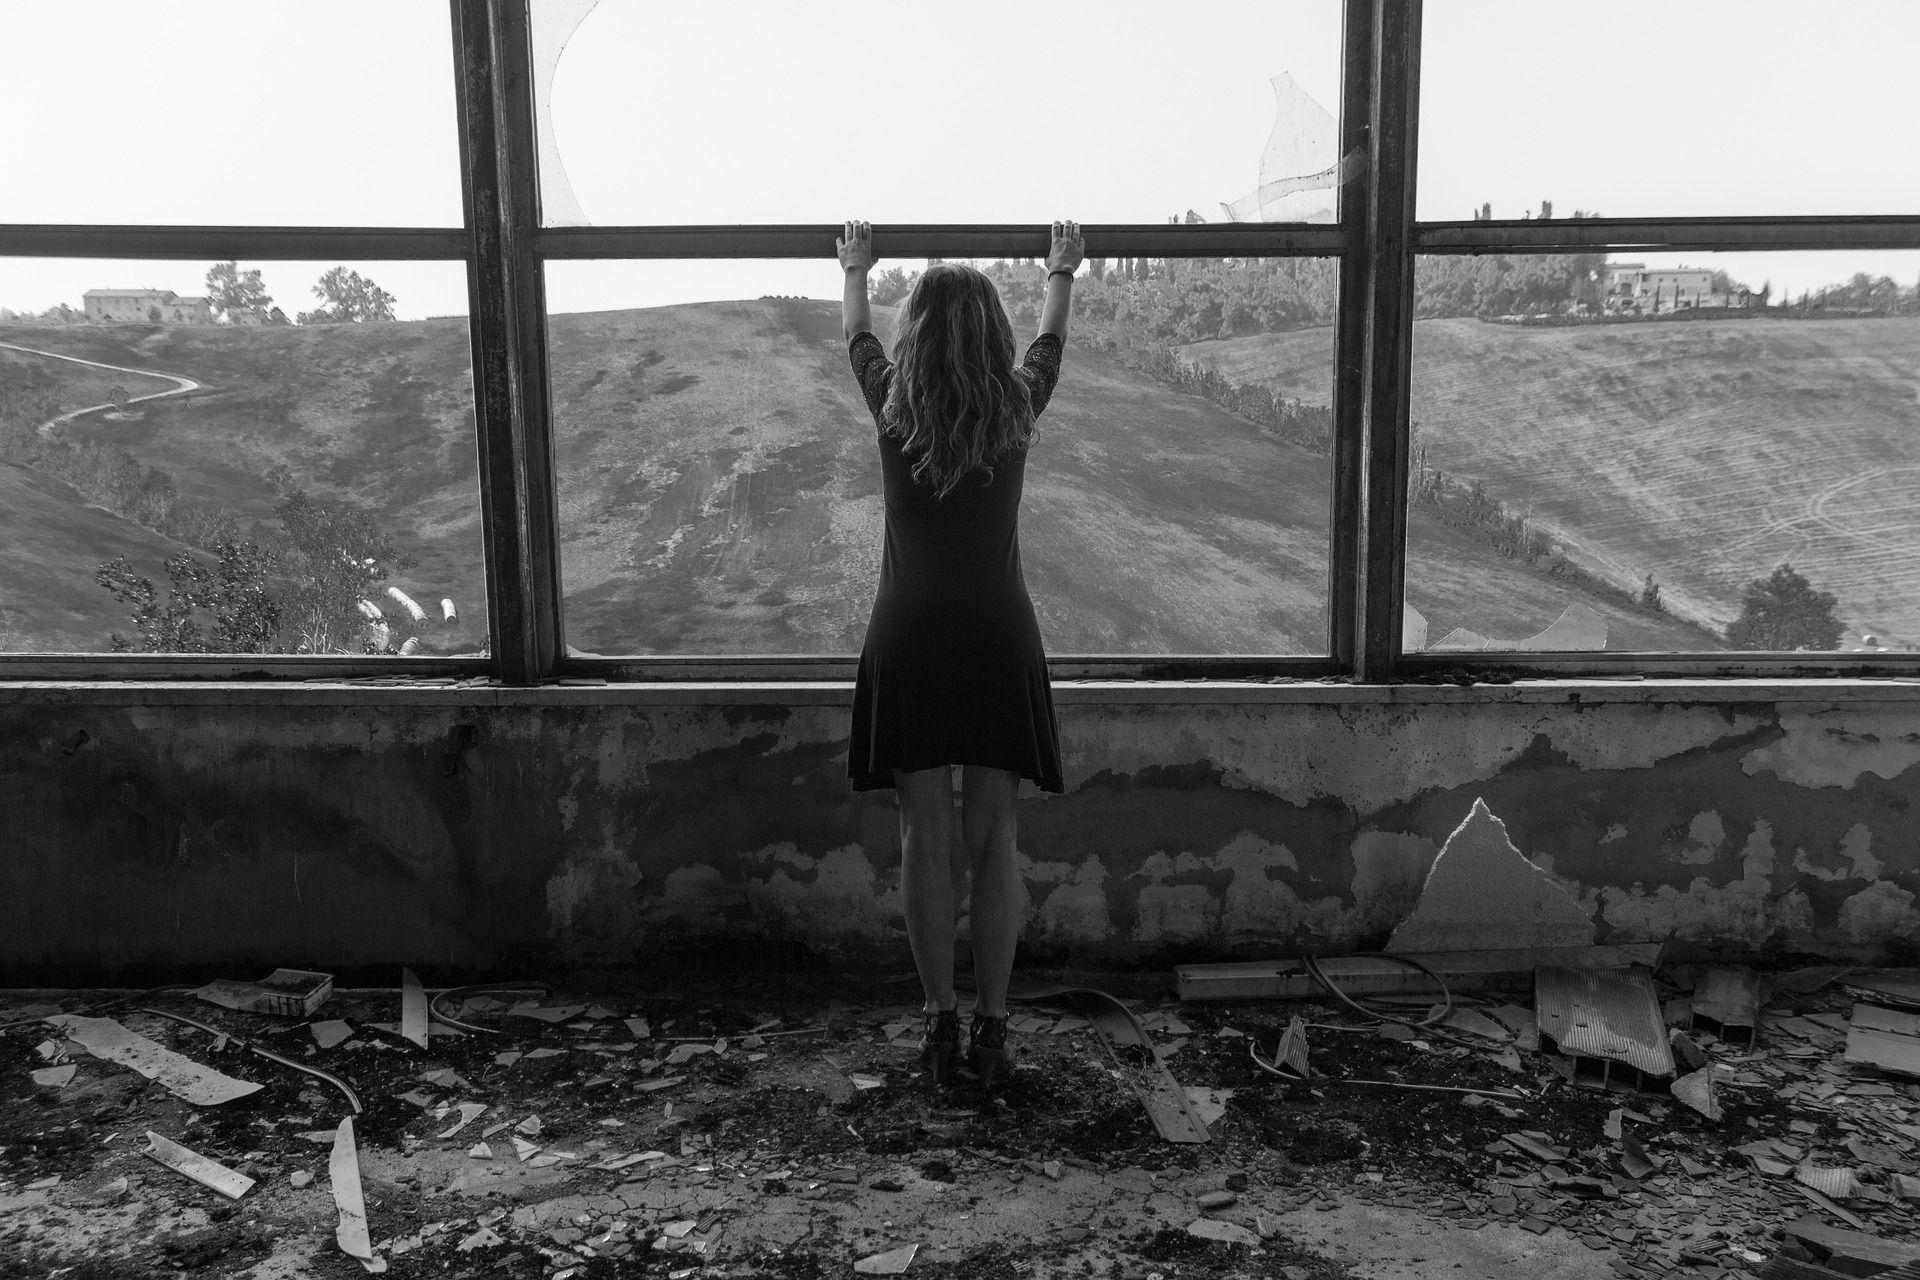 O dano de abandono causa dependência